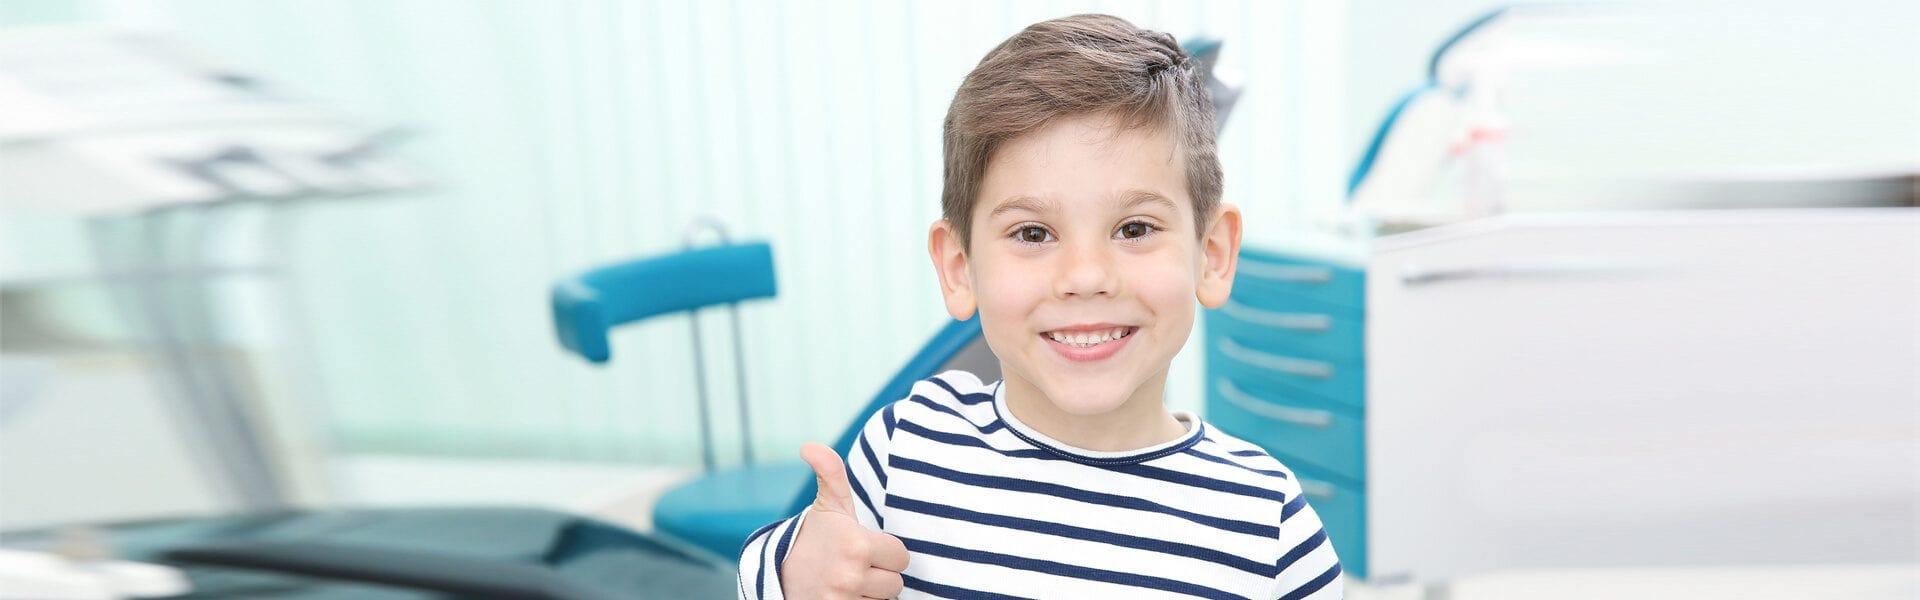 Детская стоматологическая помощь